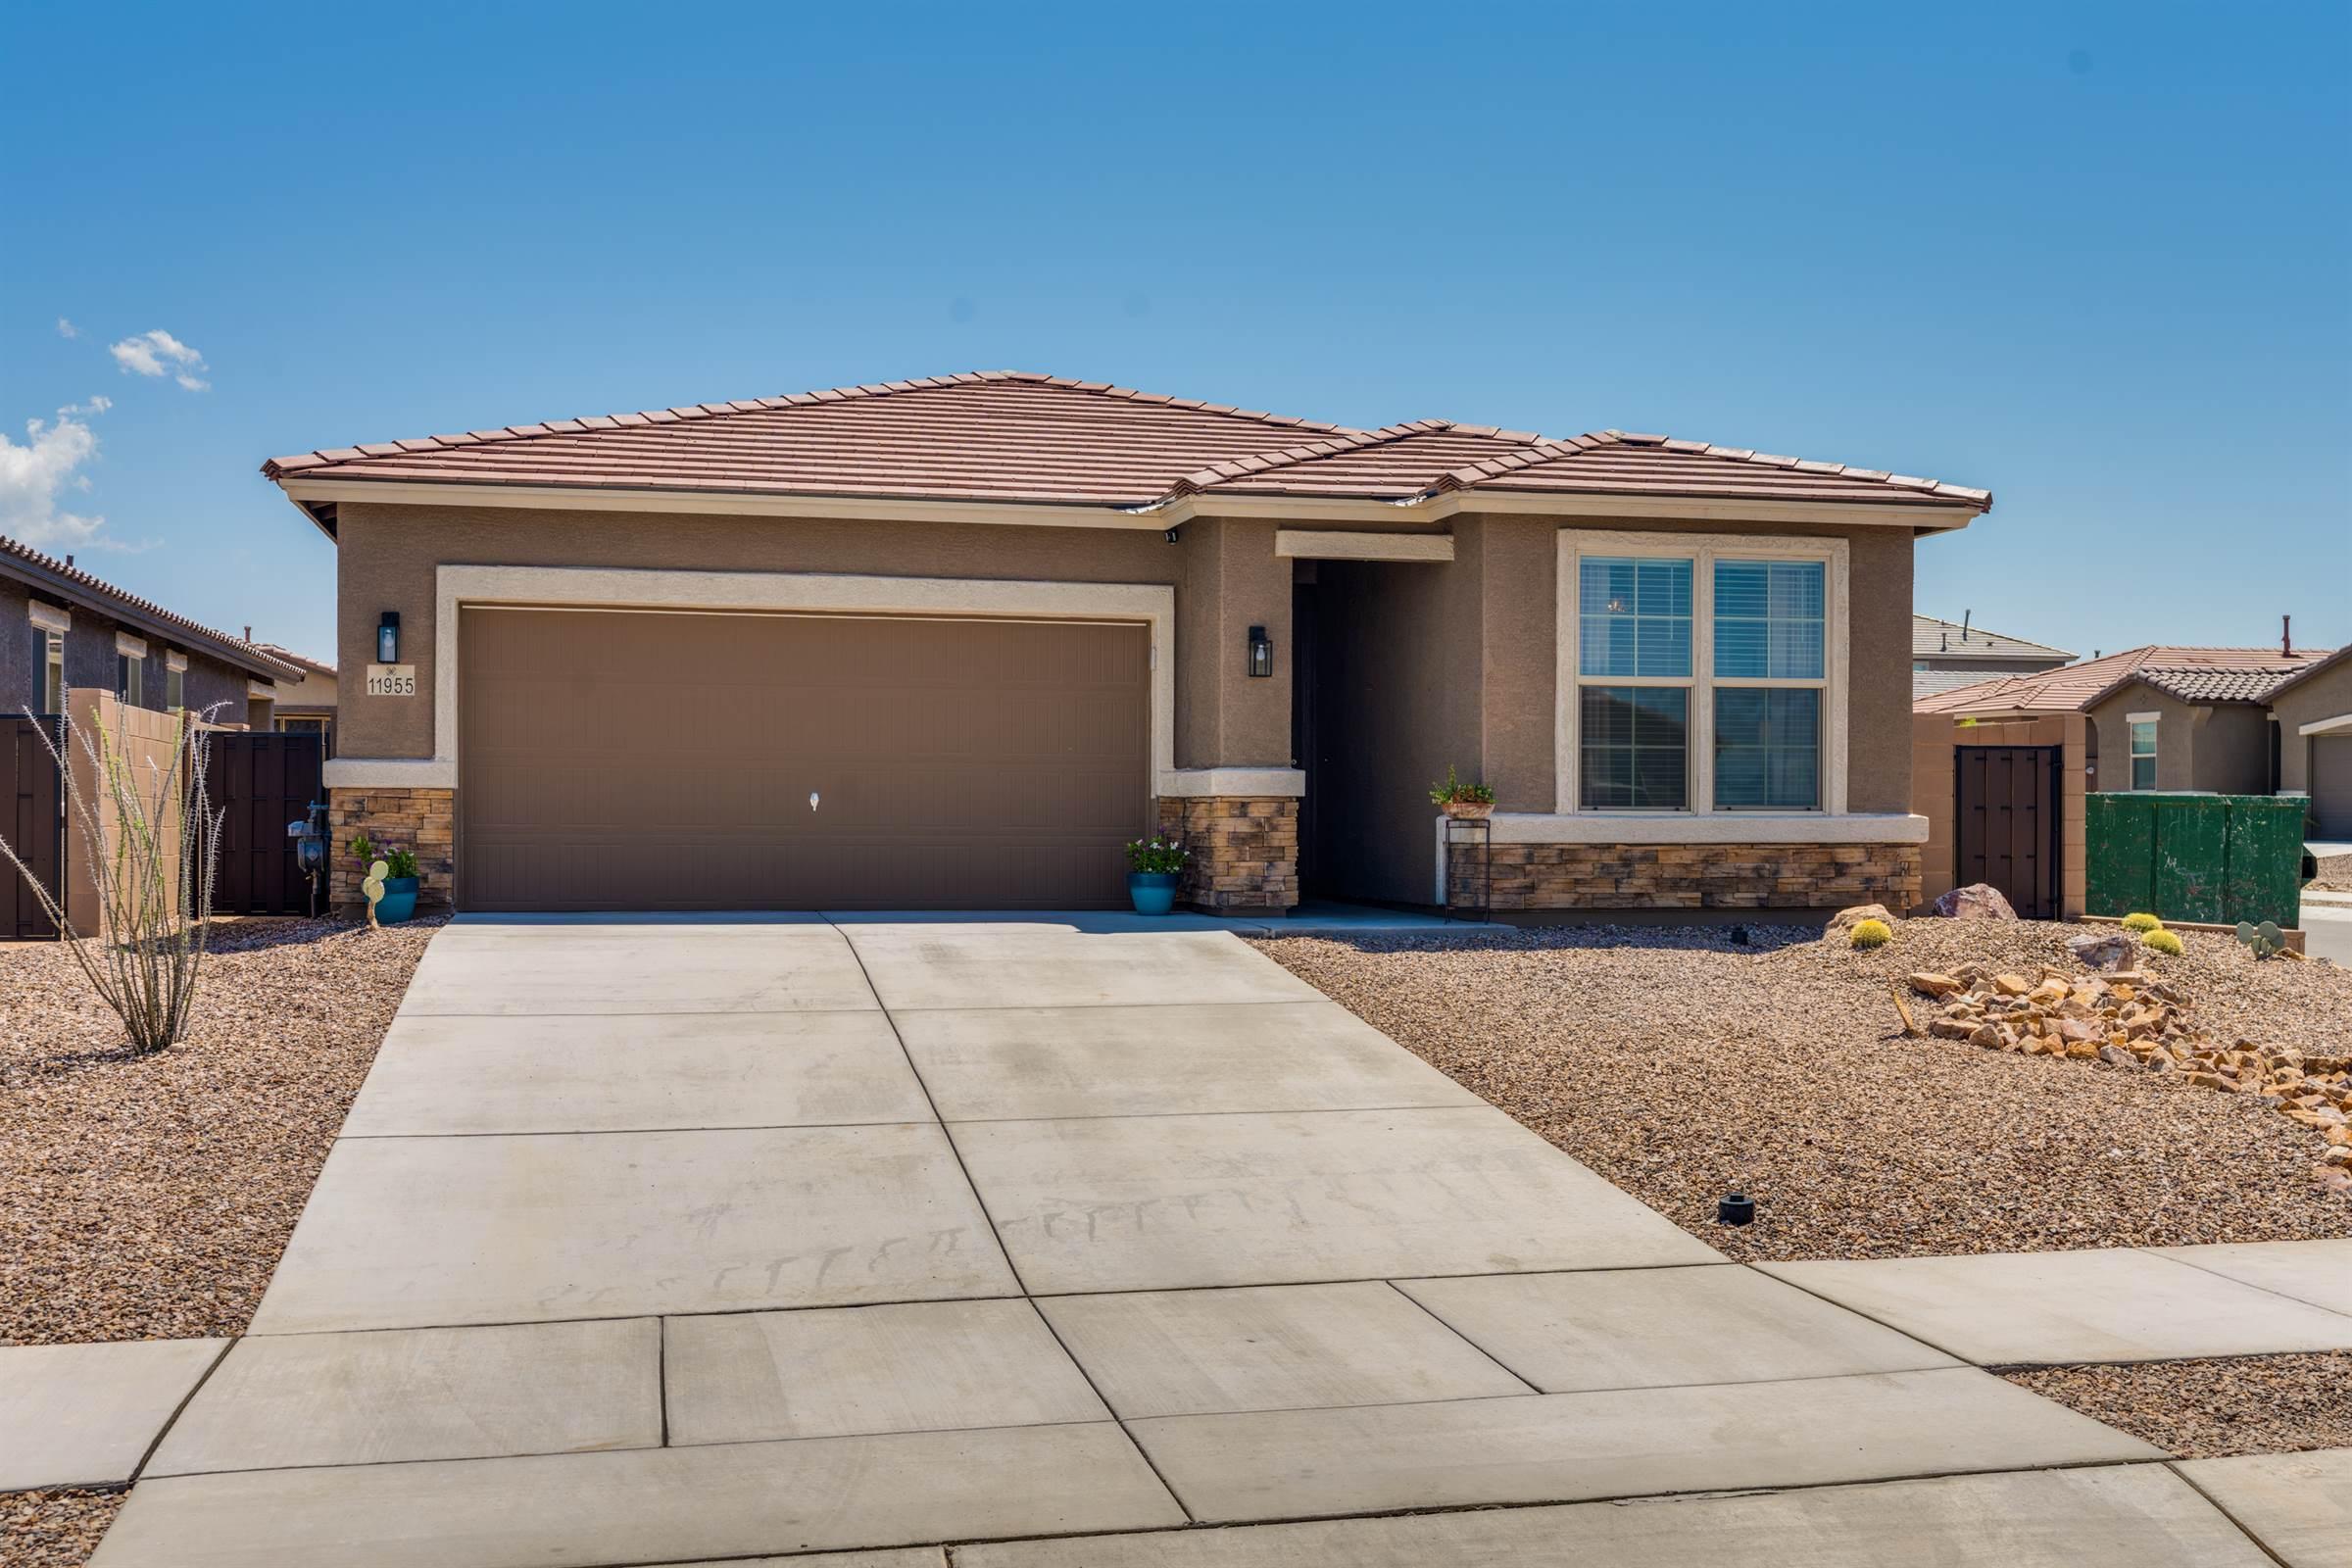 11955 E Ryscott Circle, Vail, AZ 85641